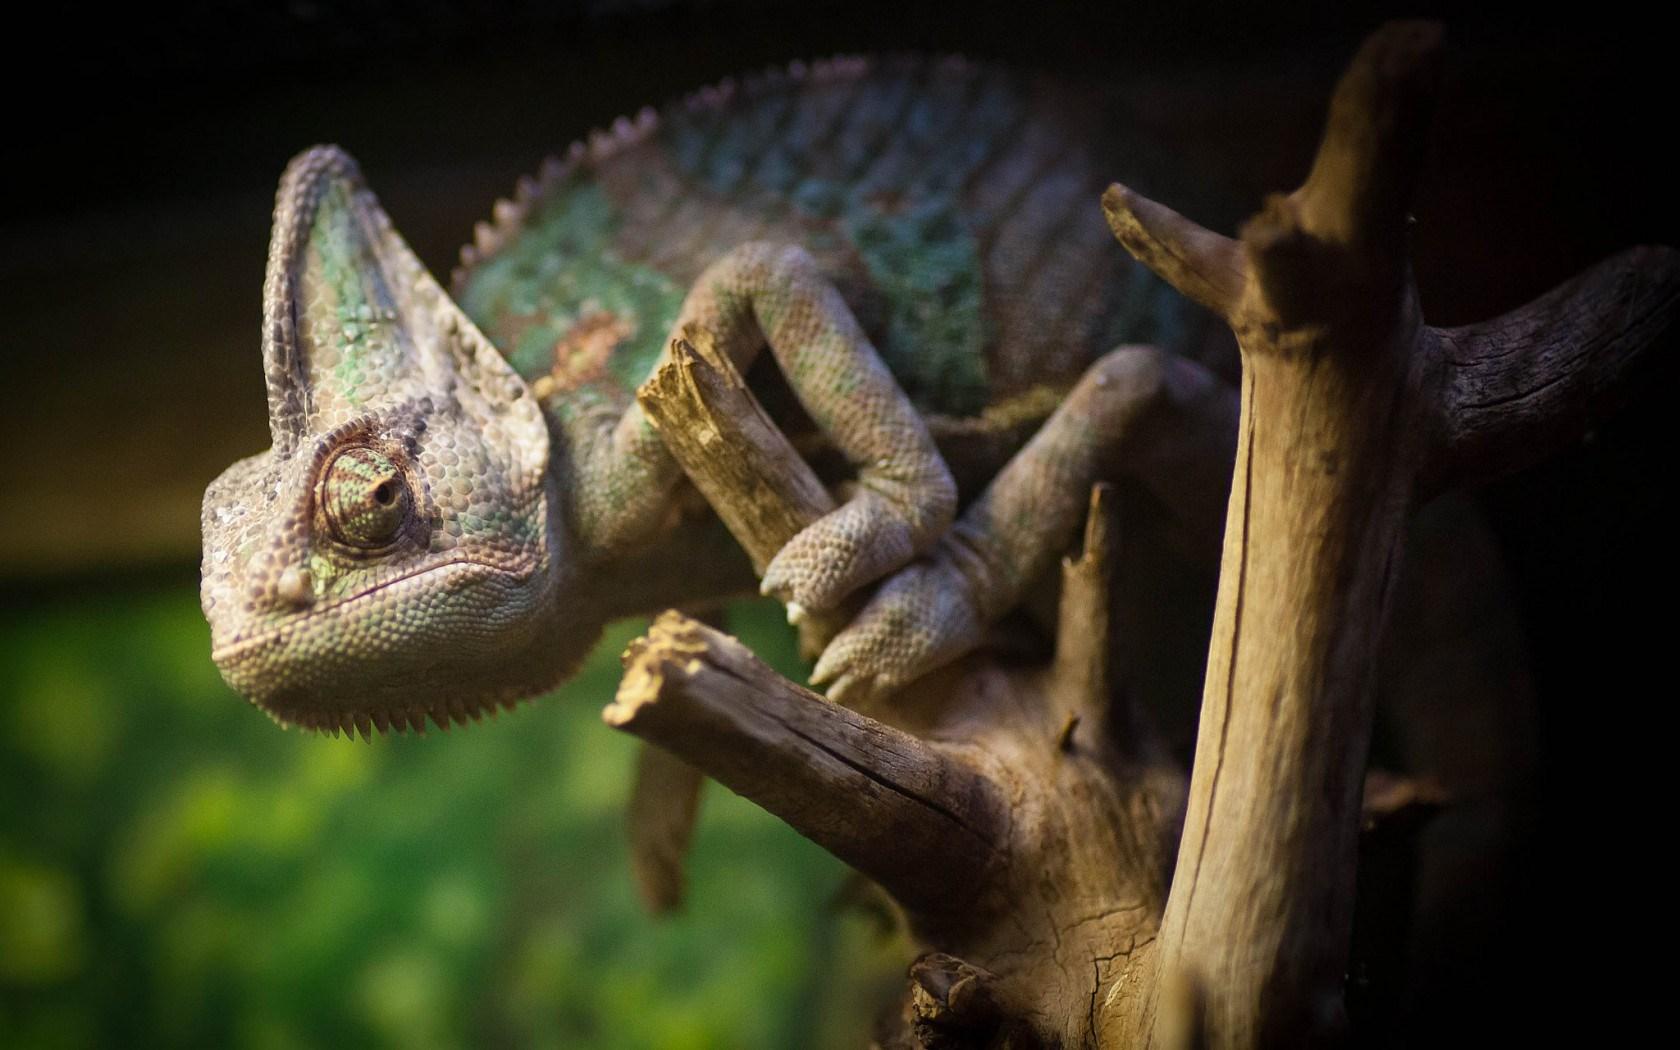 Tree Dry Chameleon